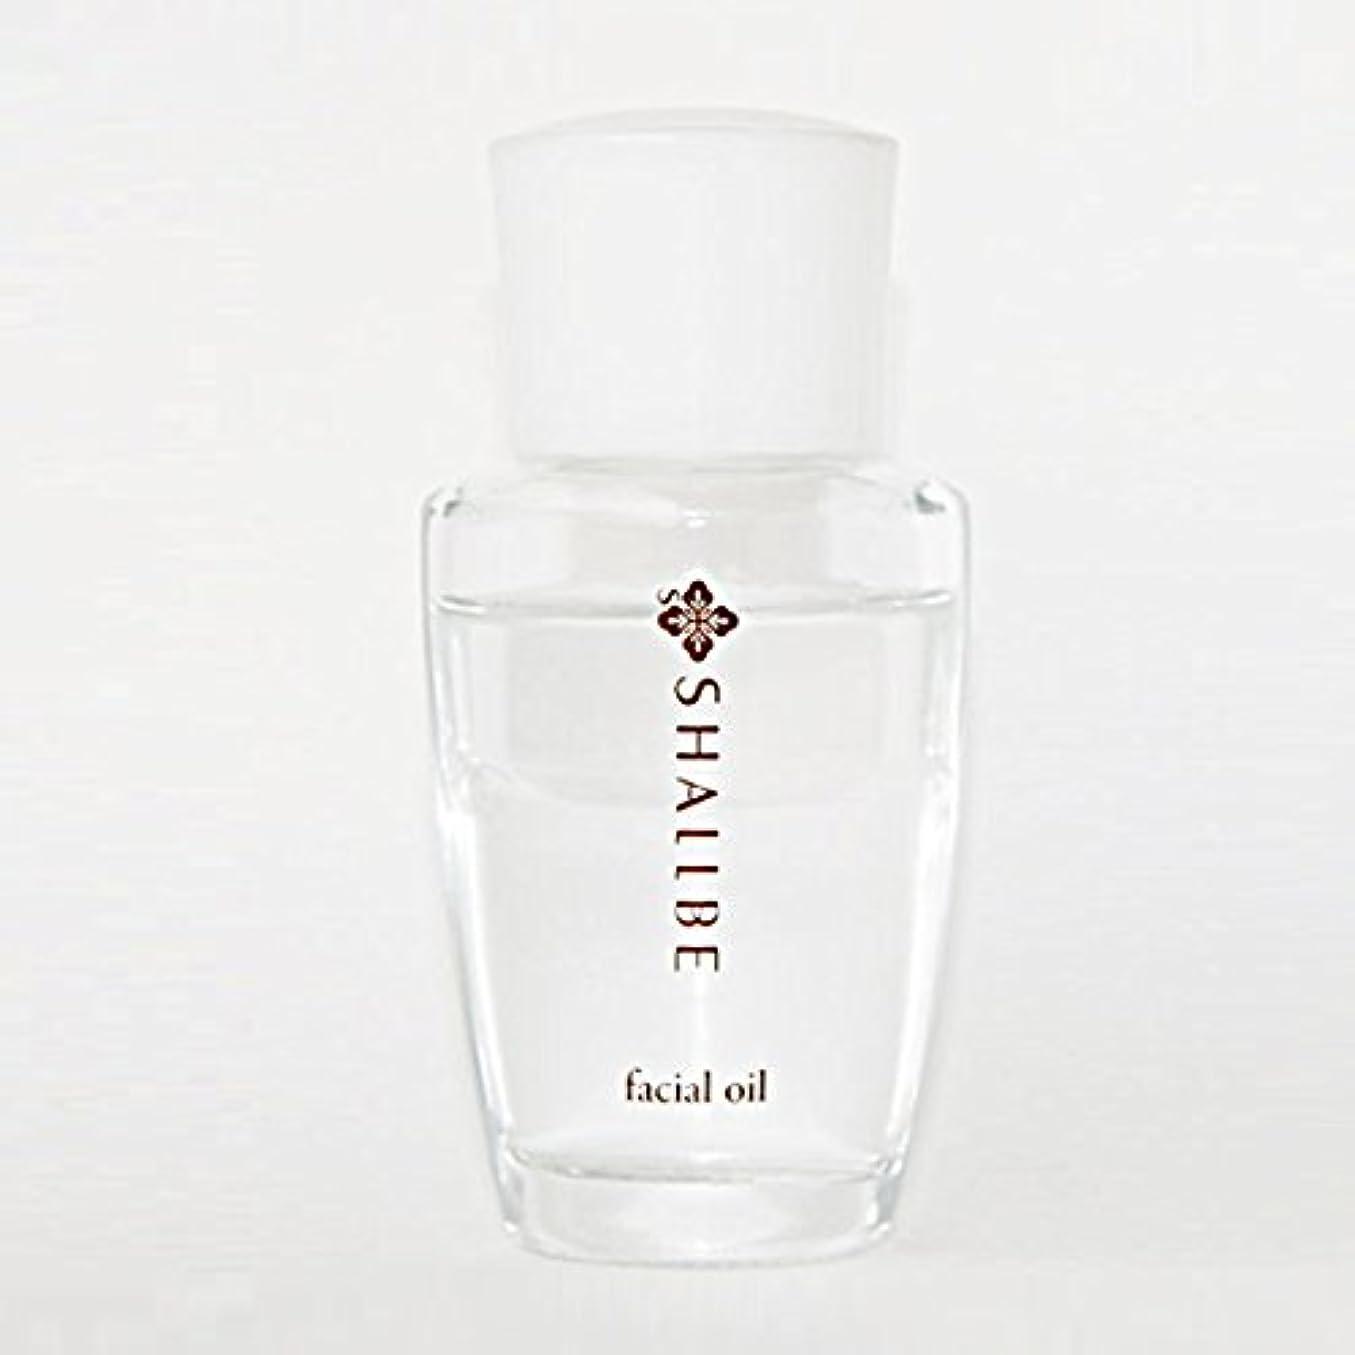 フクロウナースシャルビー カクテル スクワラン オイル 26ml 美容液 2層 スクワランオイル